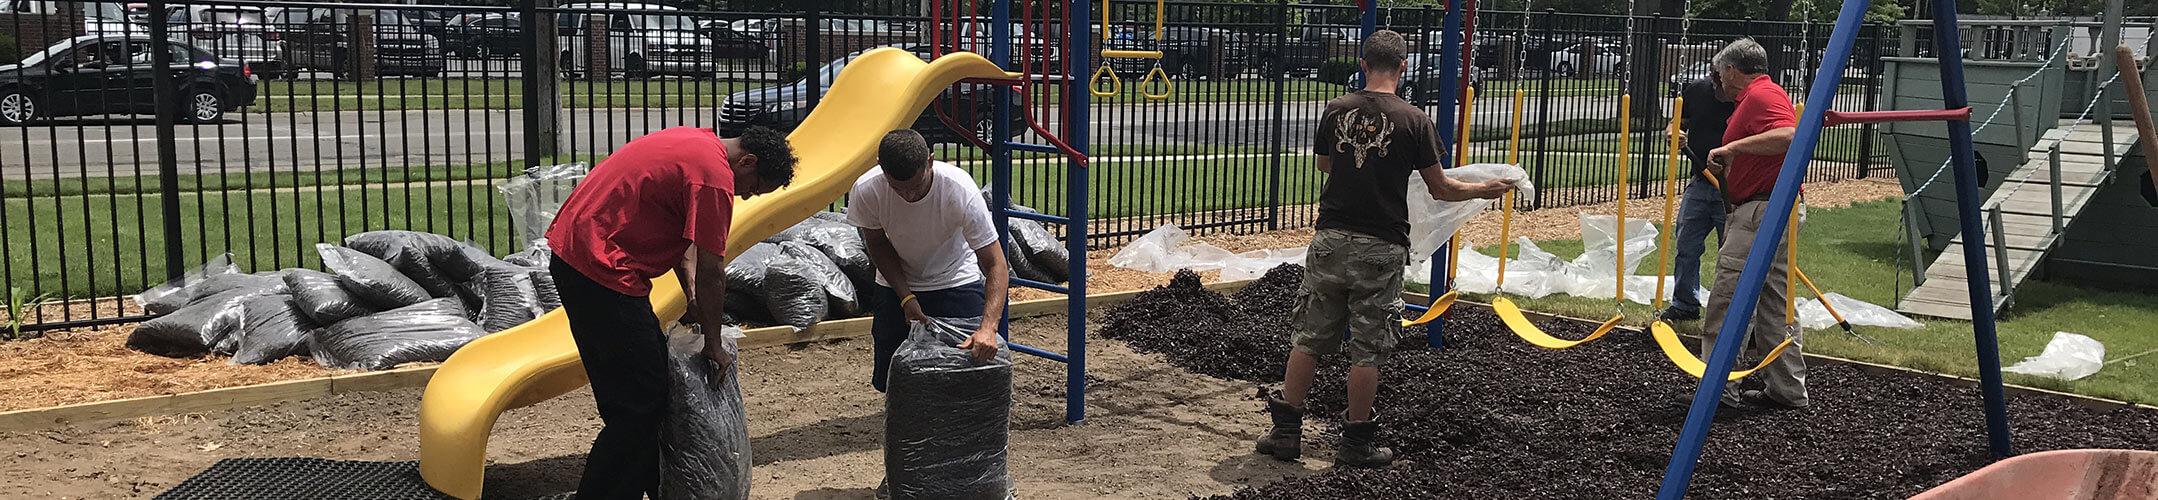 Volunteers Upkeeping Playground